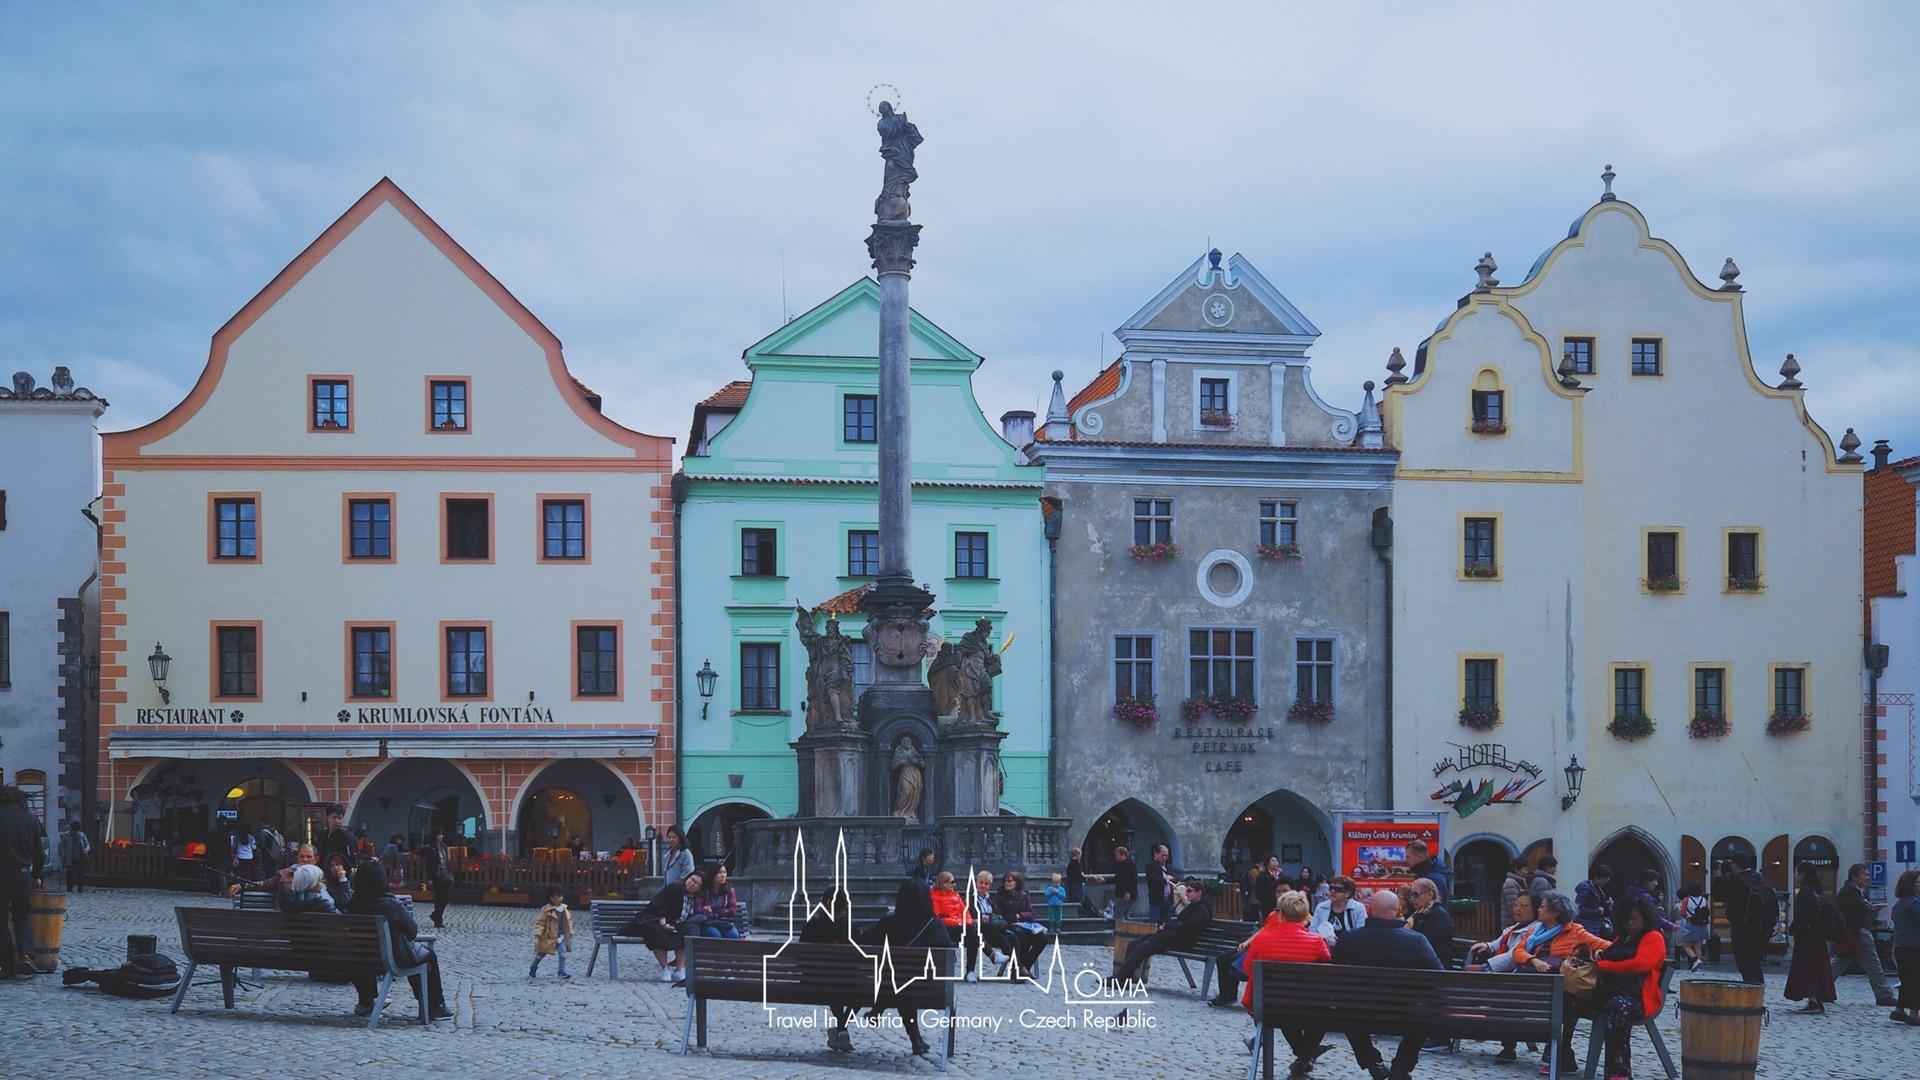 遇见捷克,遇见它的多彩与美好